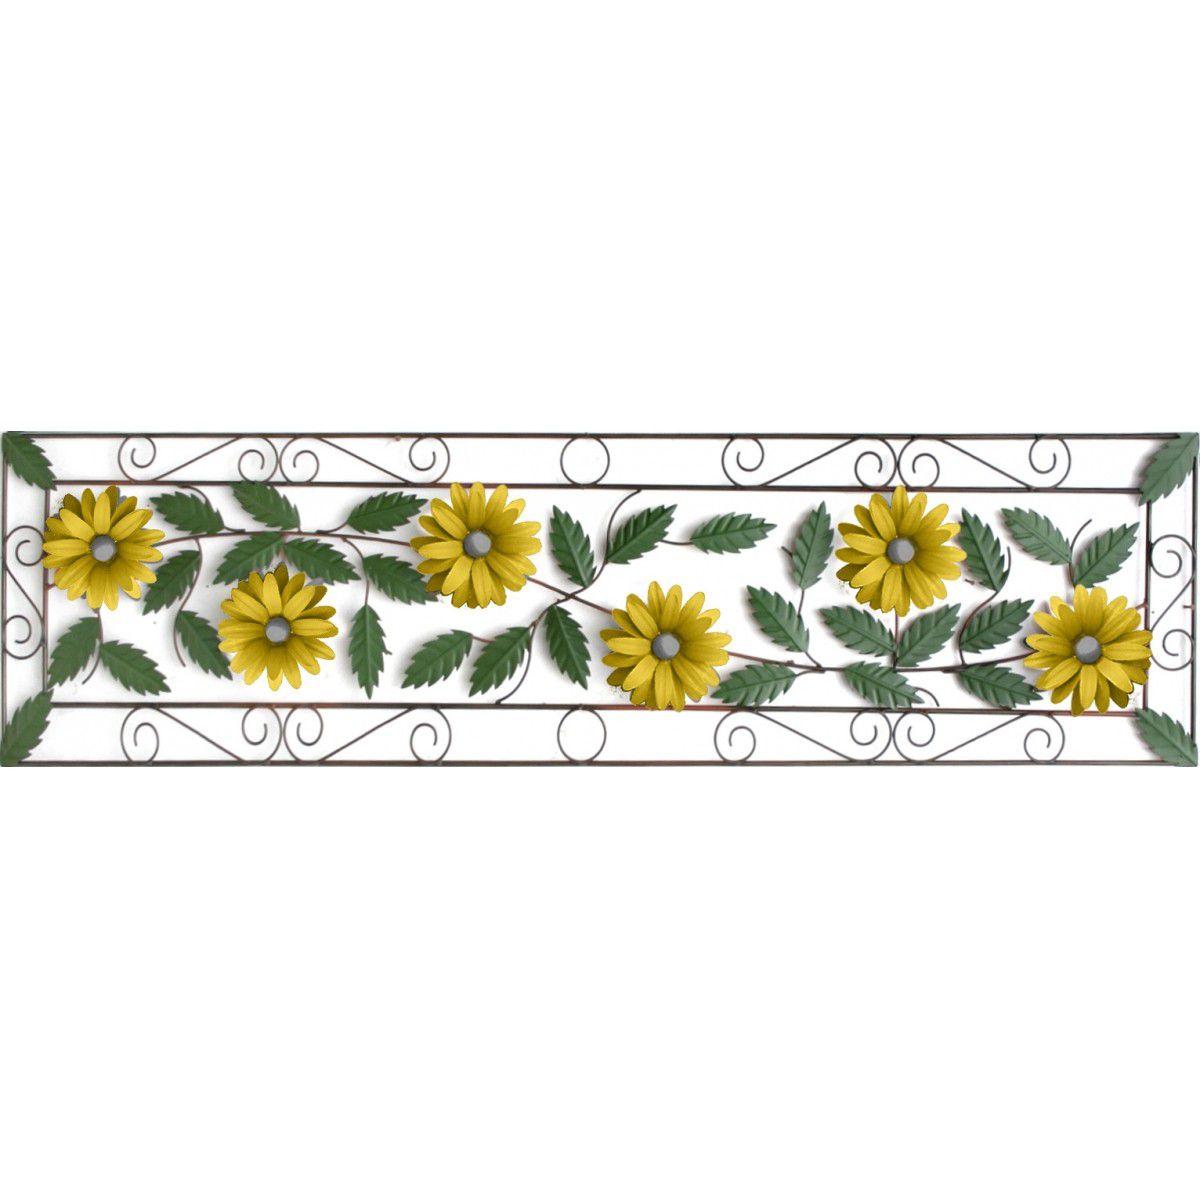 Moldura Decoração Artesanal de Ferro Colonial Rustico para Parede com Flores